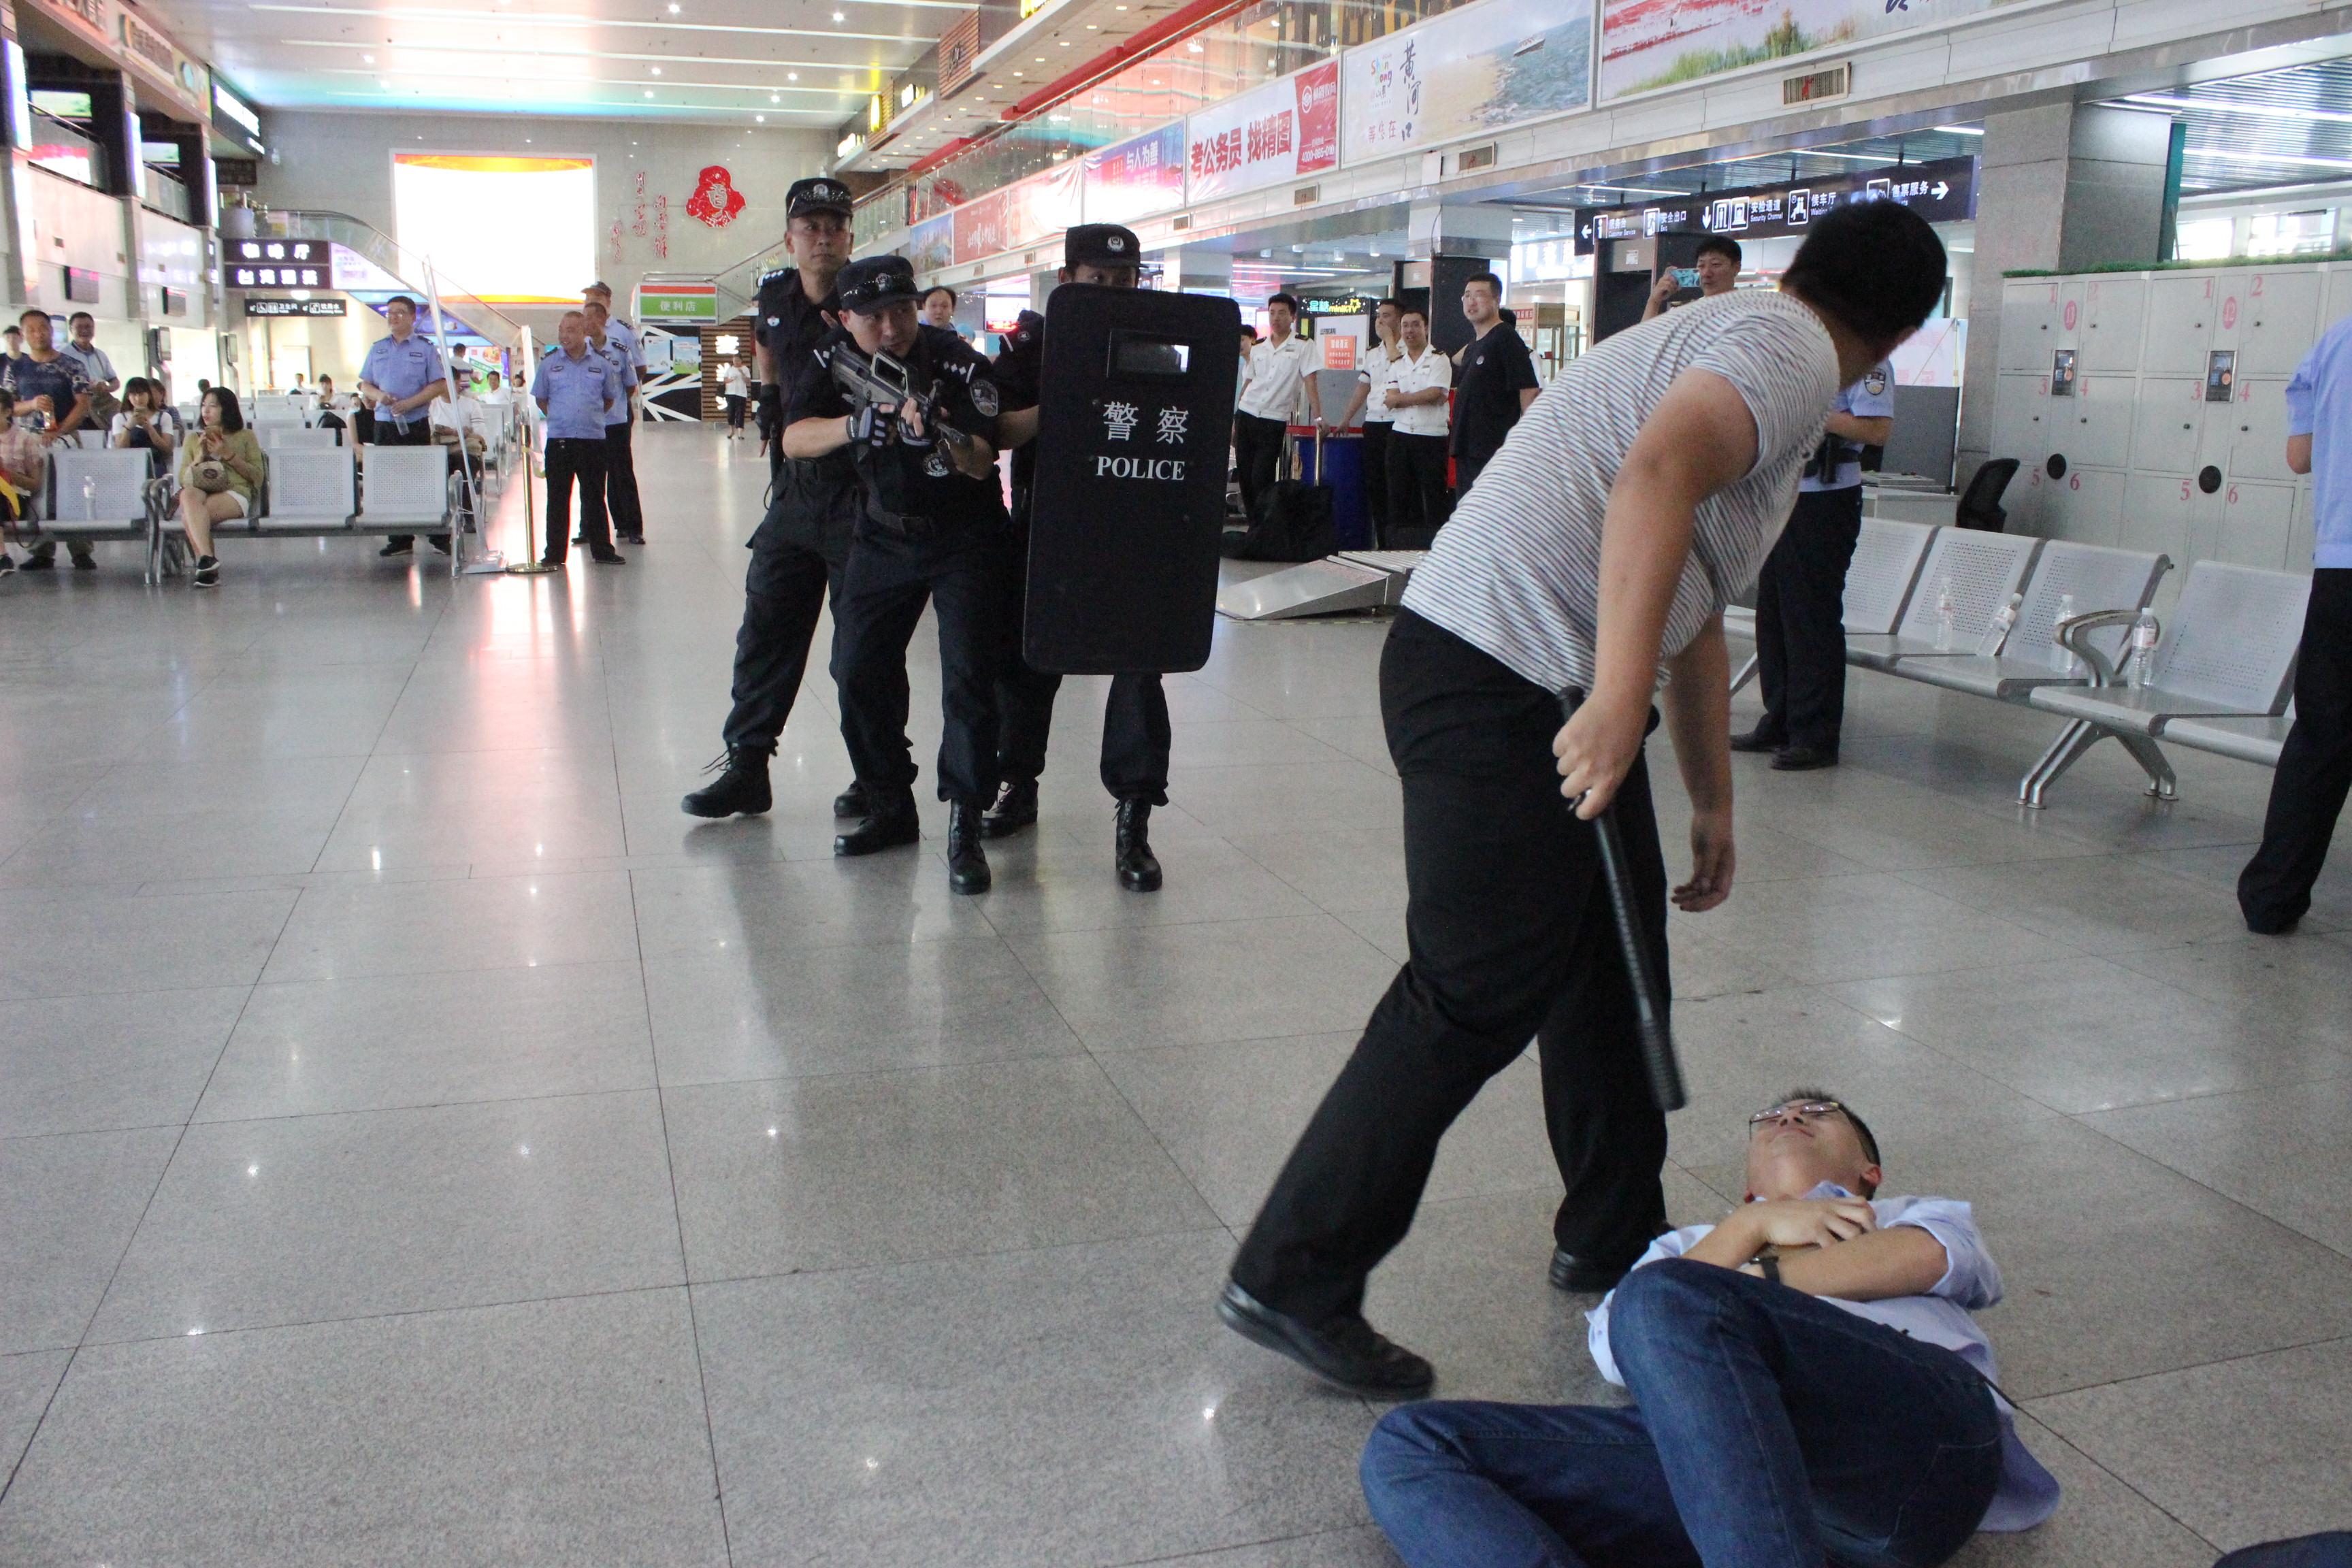 青岛汽车站安保升级 违禁品易容按暴恐行为处理